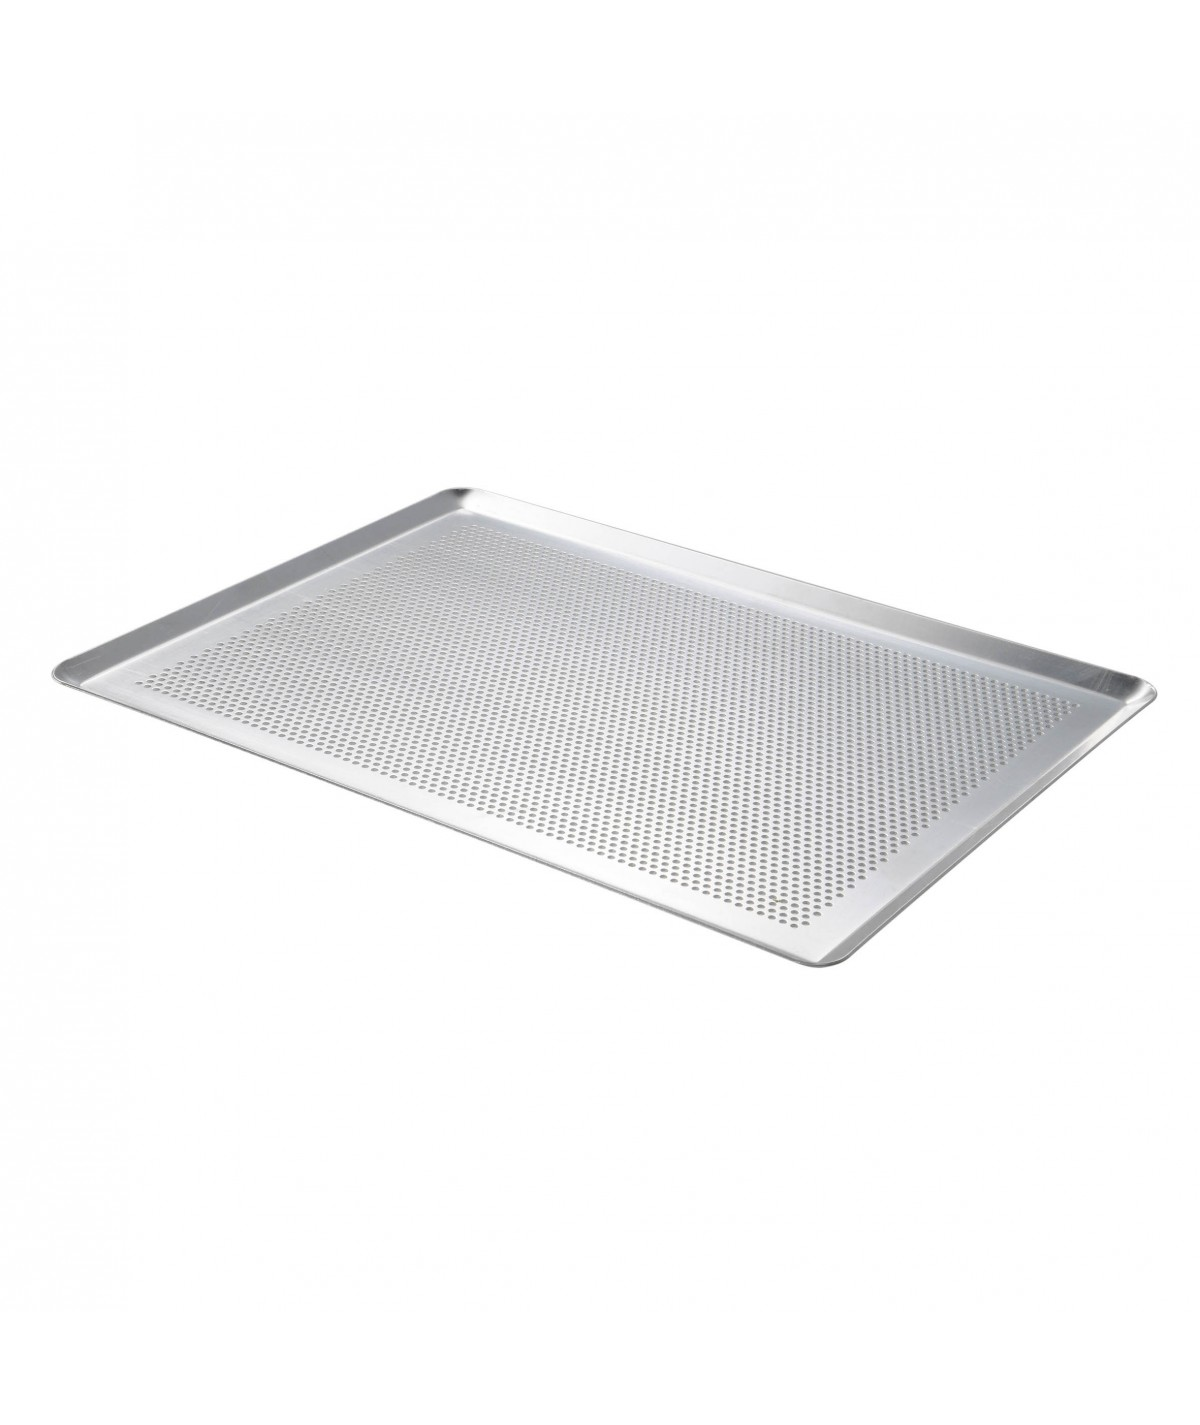 De Buyer - Plaque de cuisson perforée 30 x 40cm